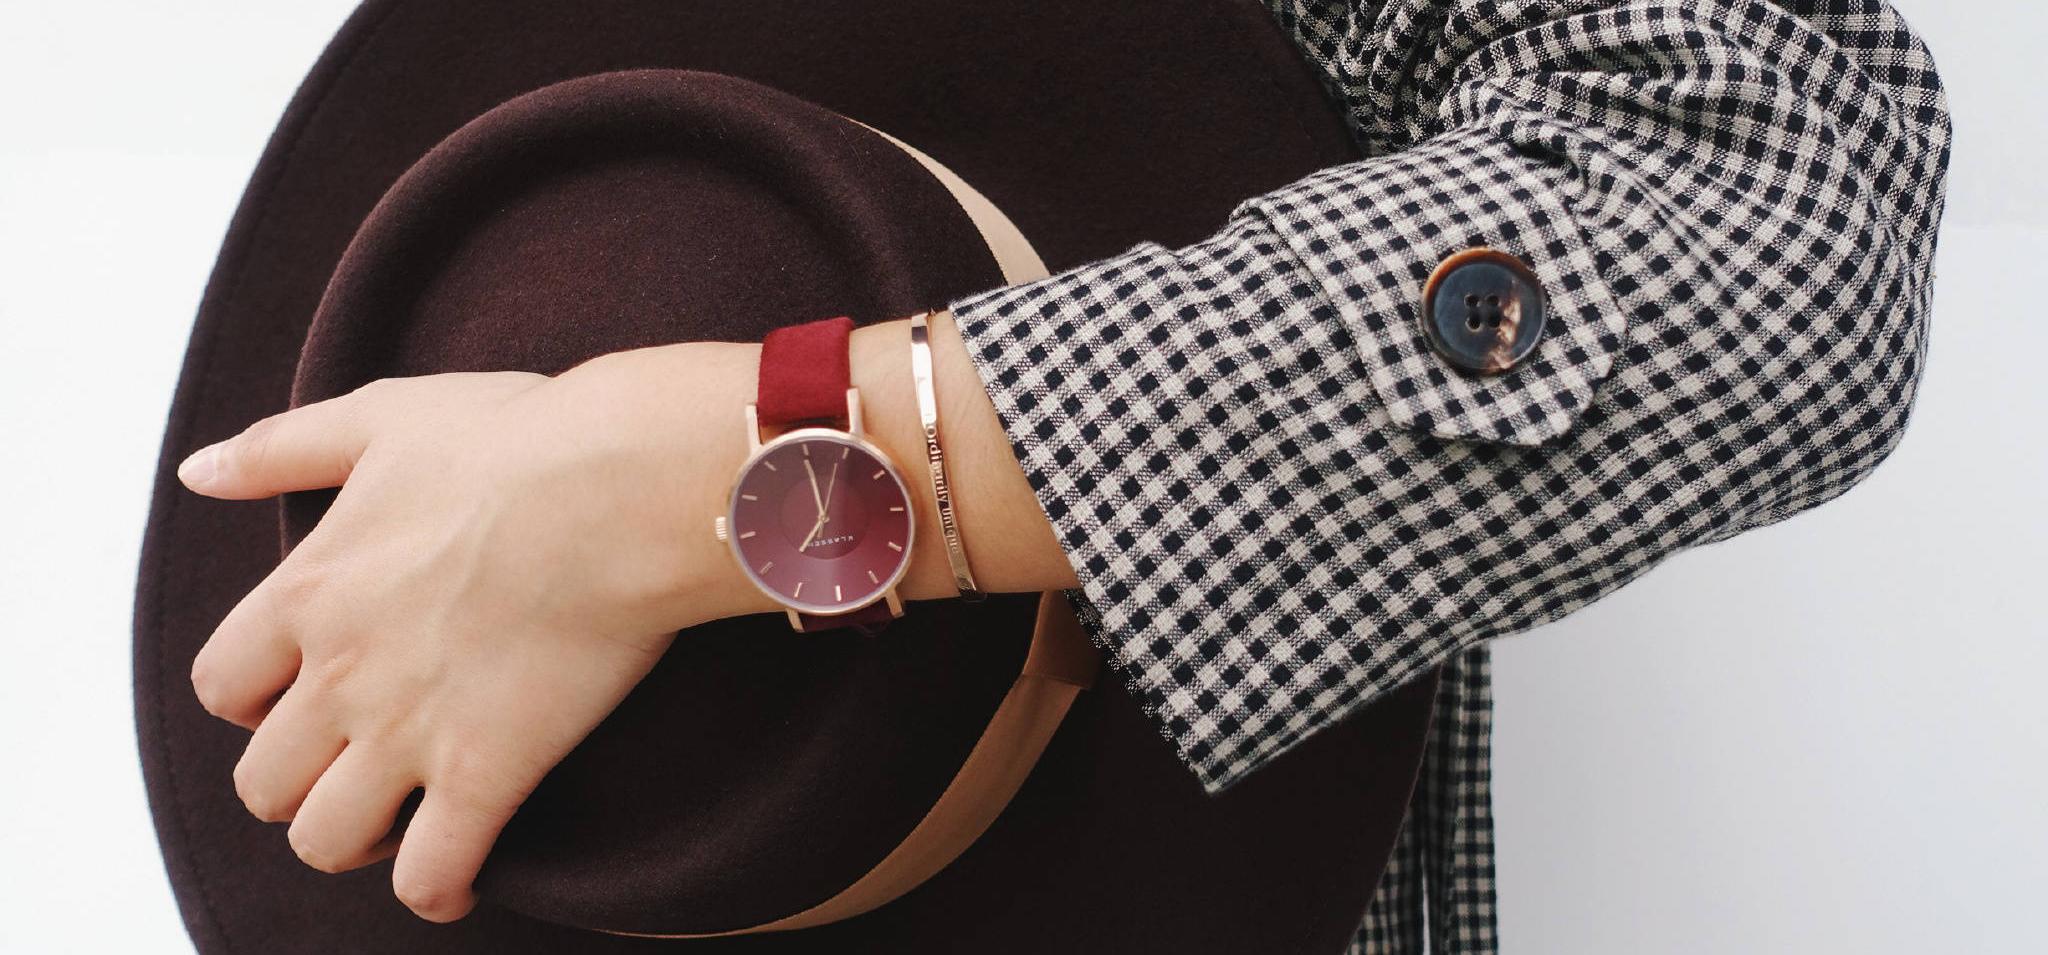 原来手表还可以这样戴,时尚又吸睛。